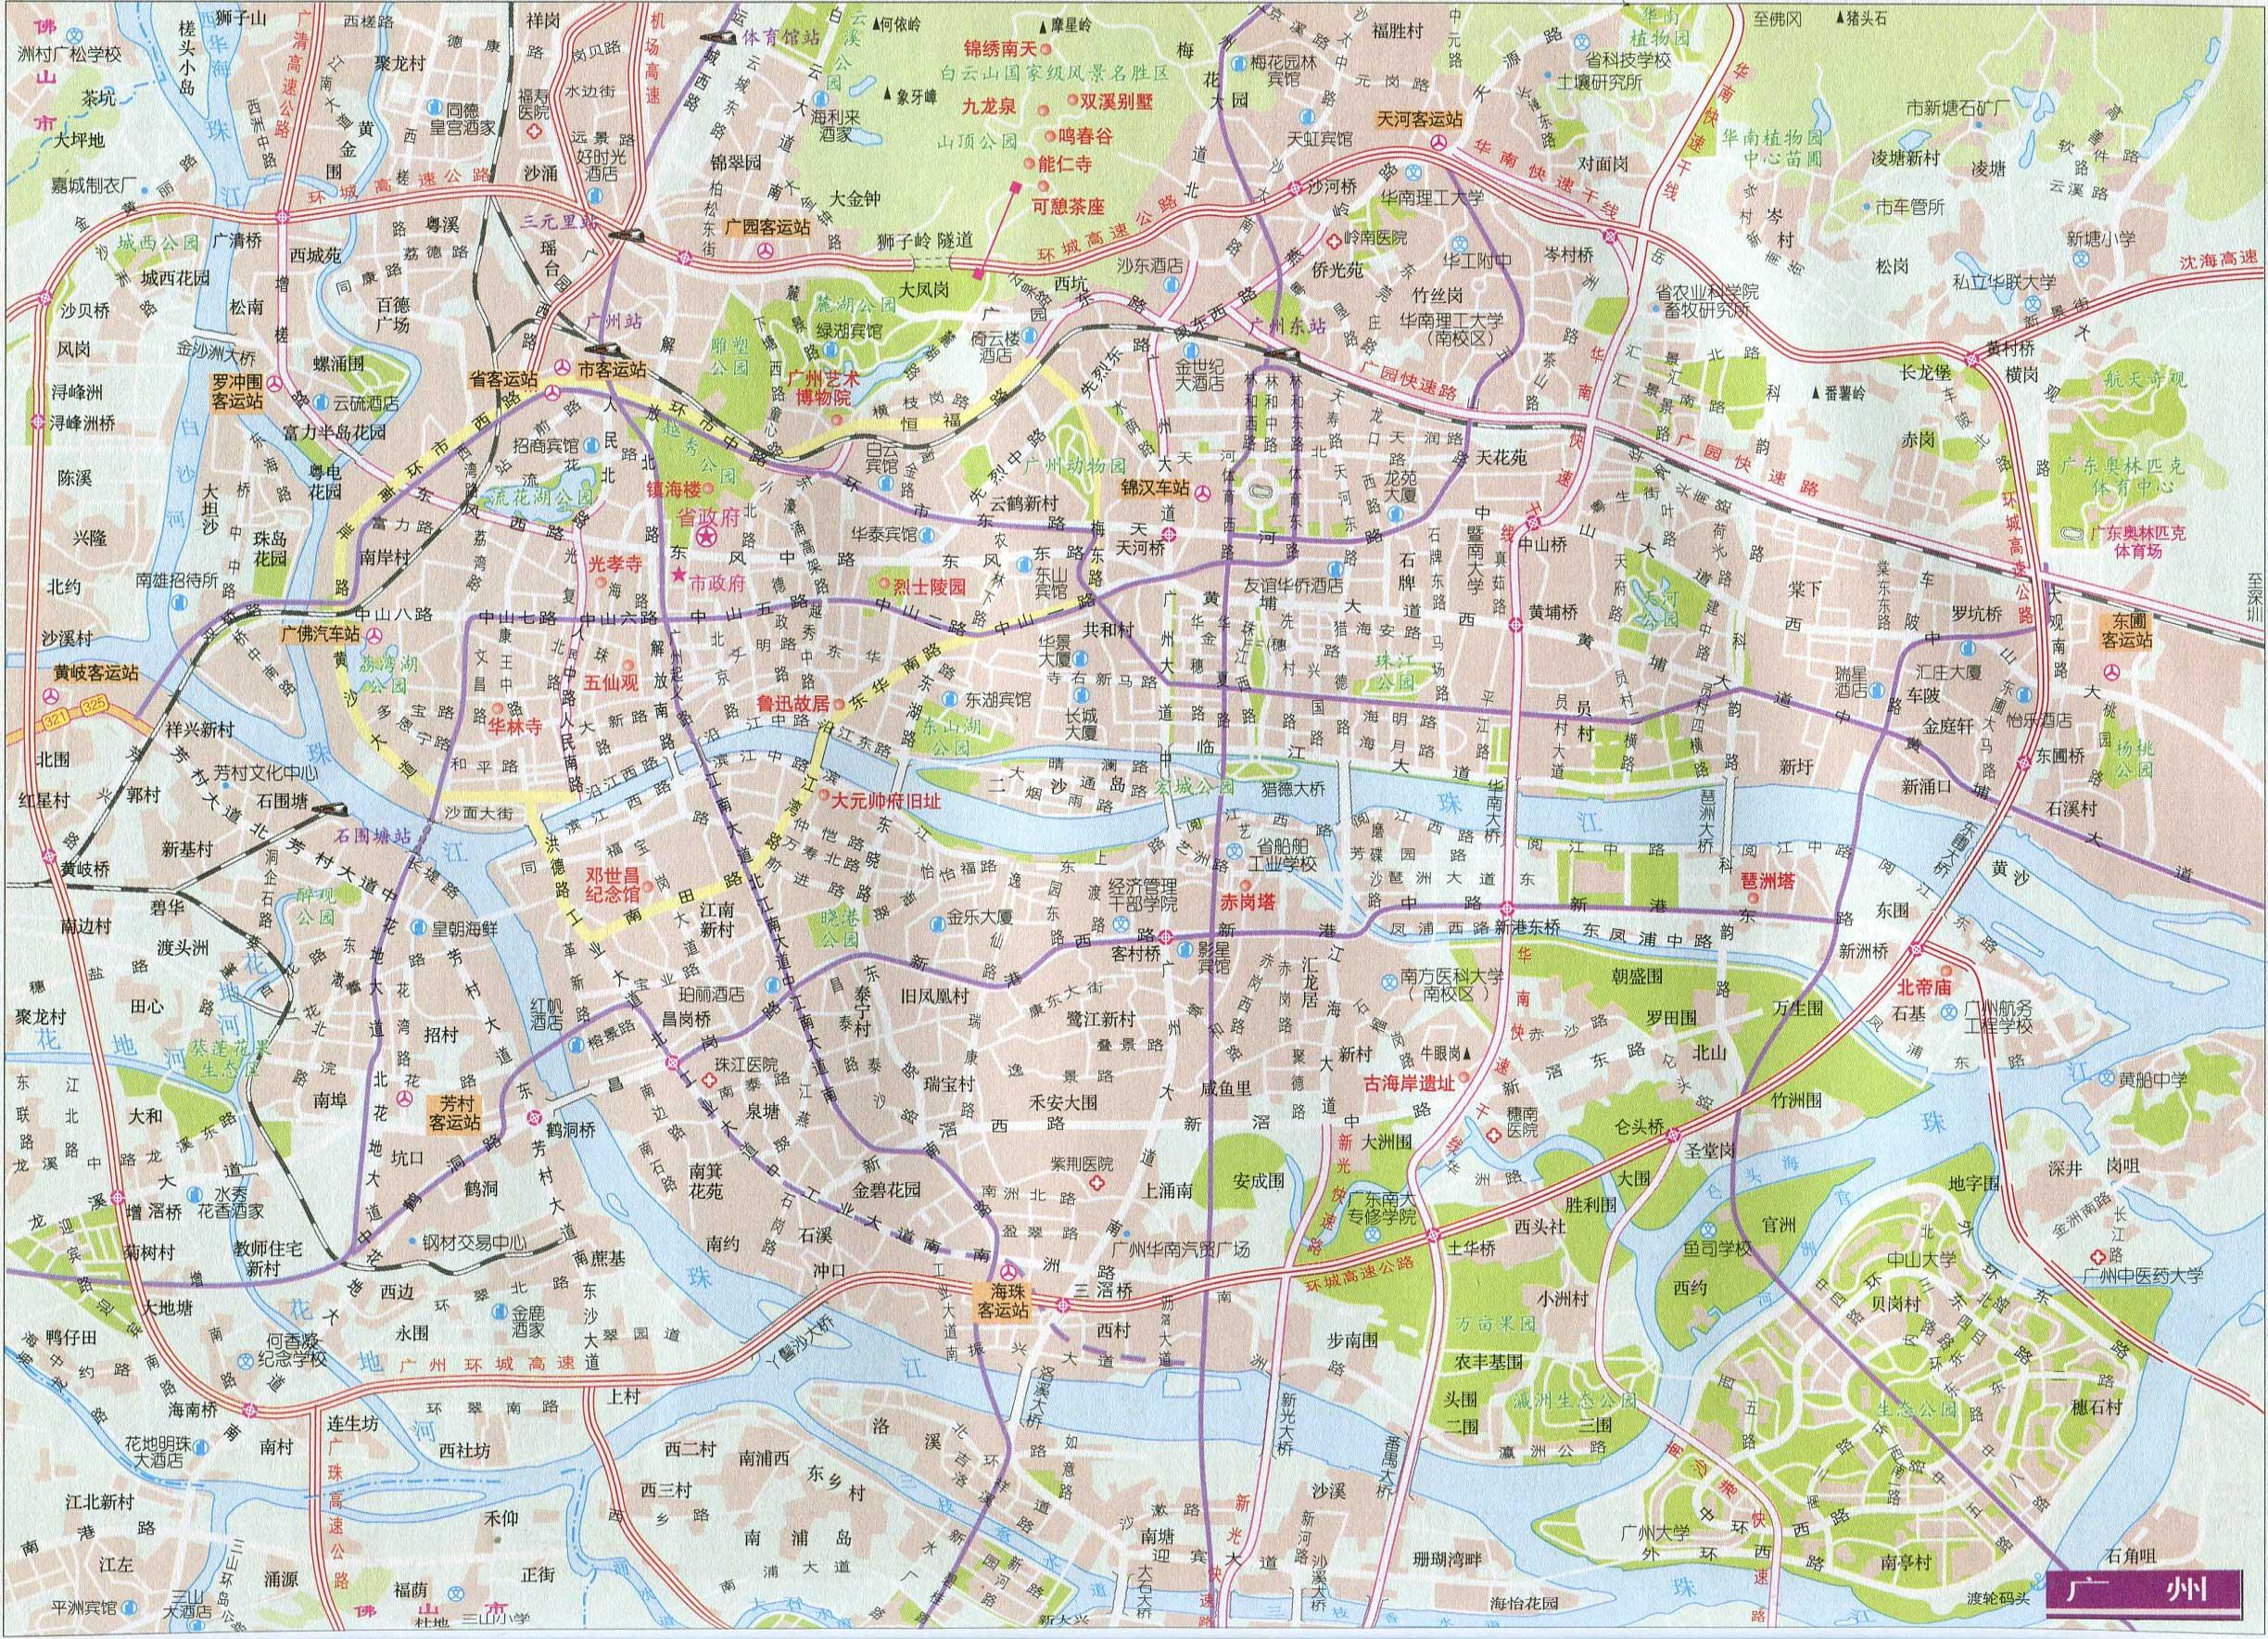 中国地图 专题 旅游线路图 >> 广东旅游线路图_广州  栏目导航:行政